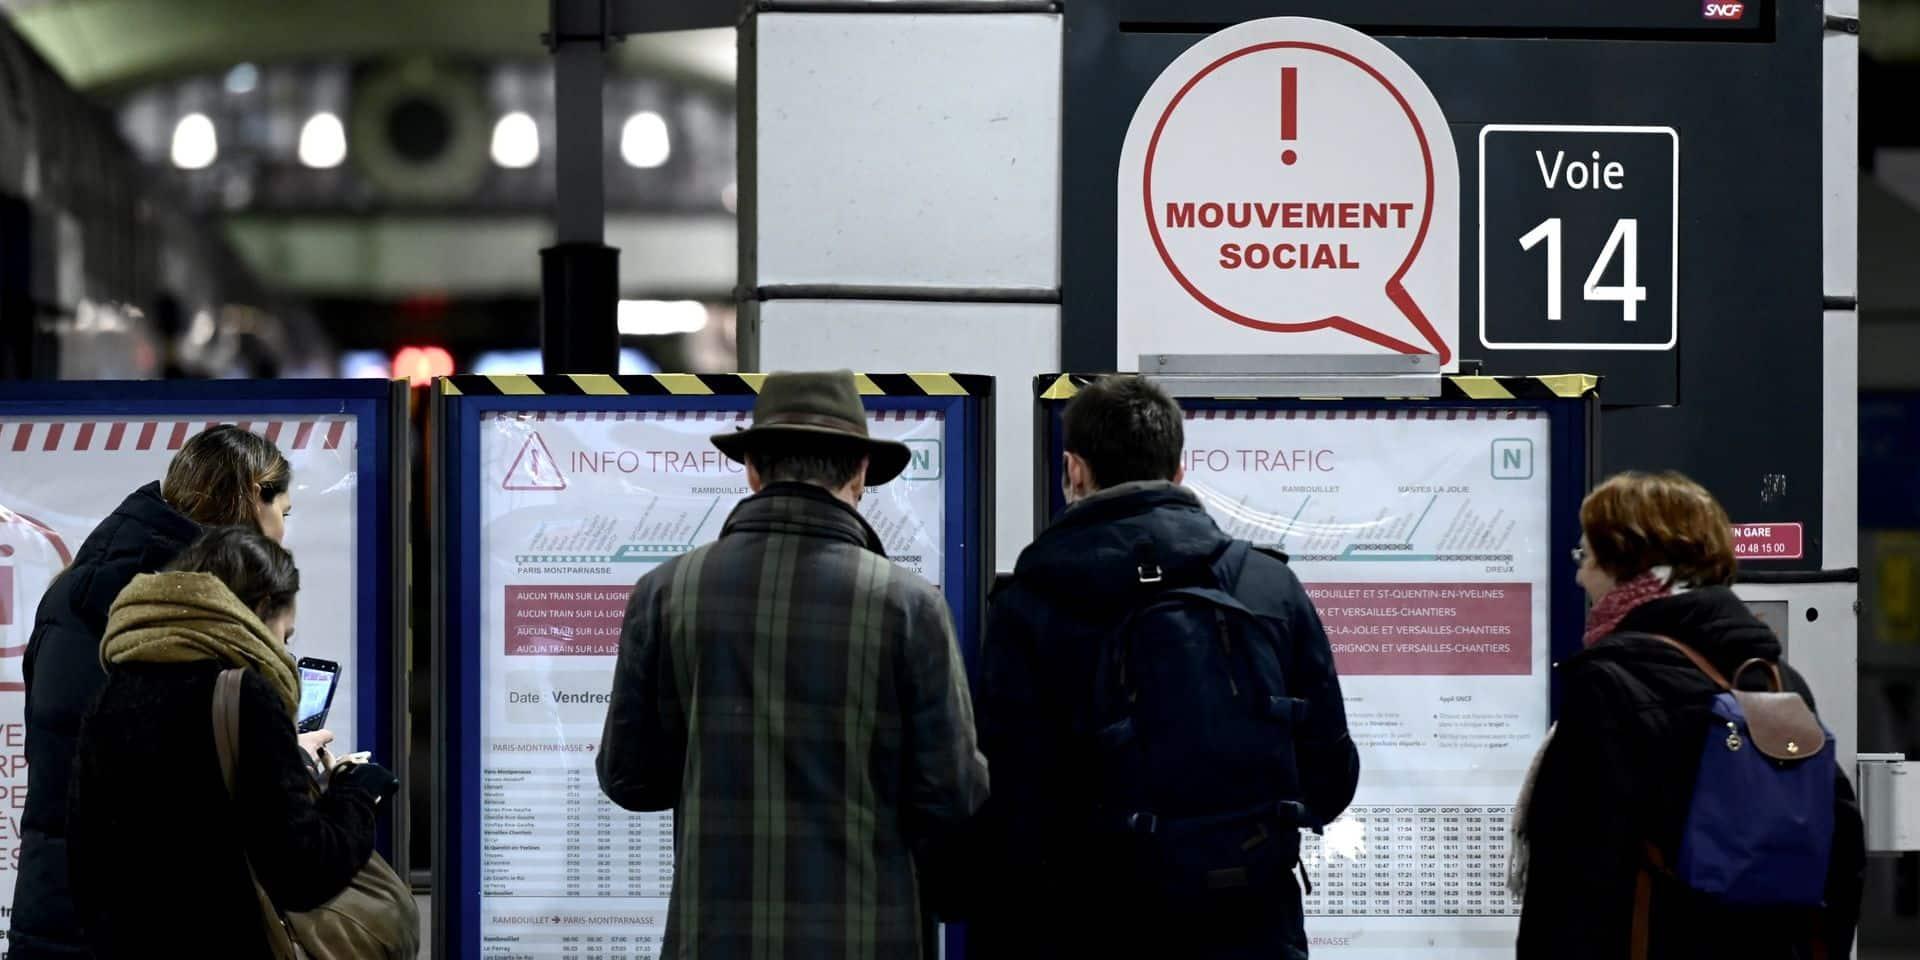 En France, la grève des transports s'inscrit pour durer